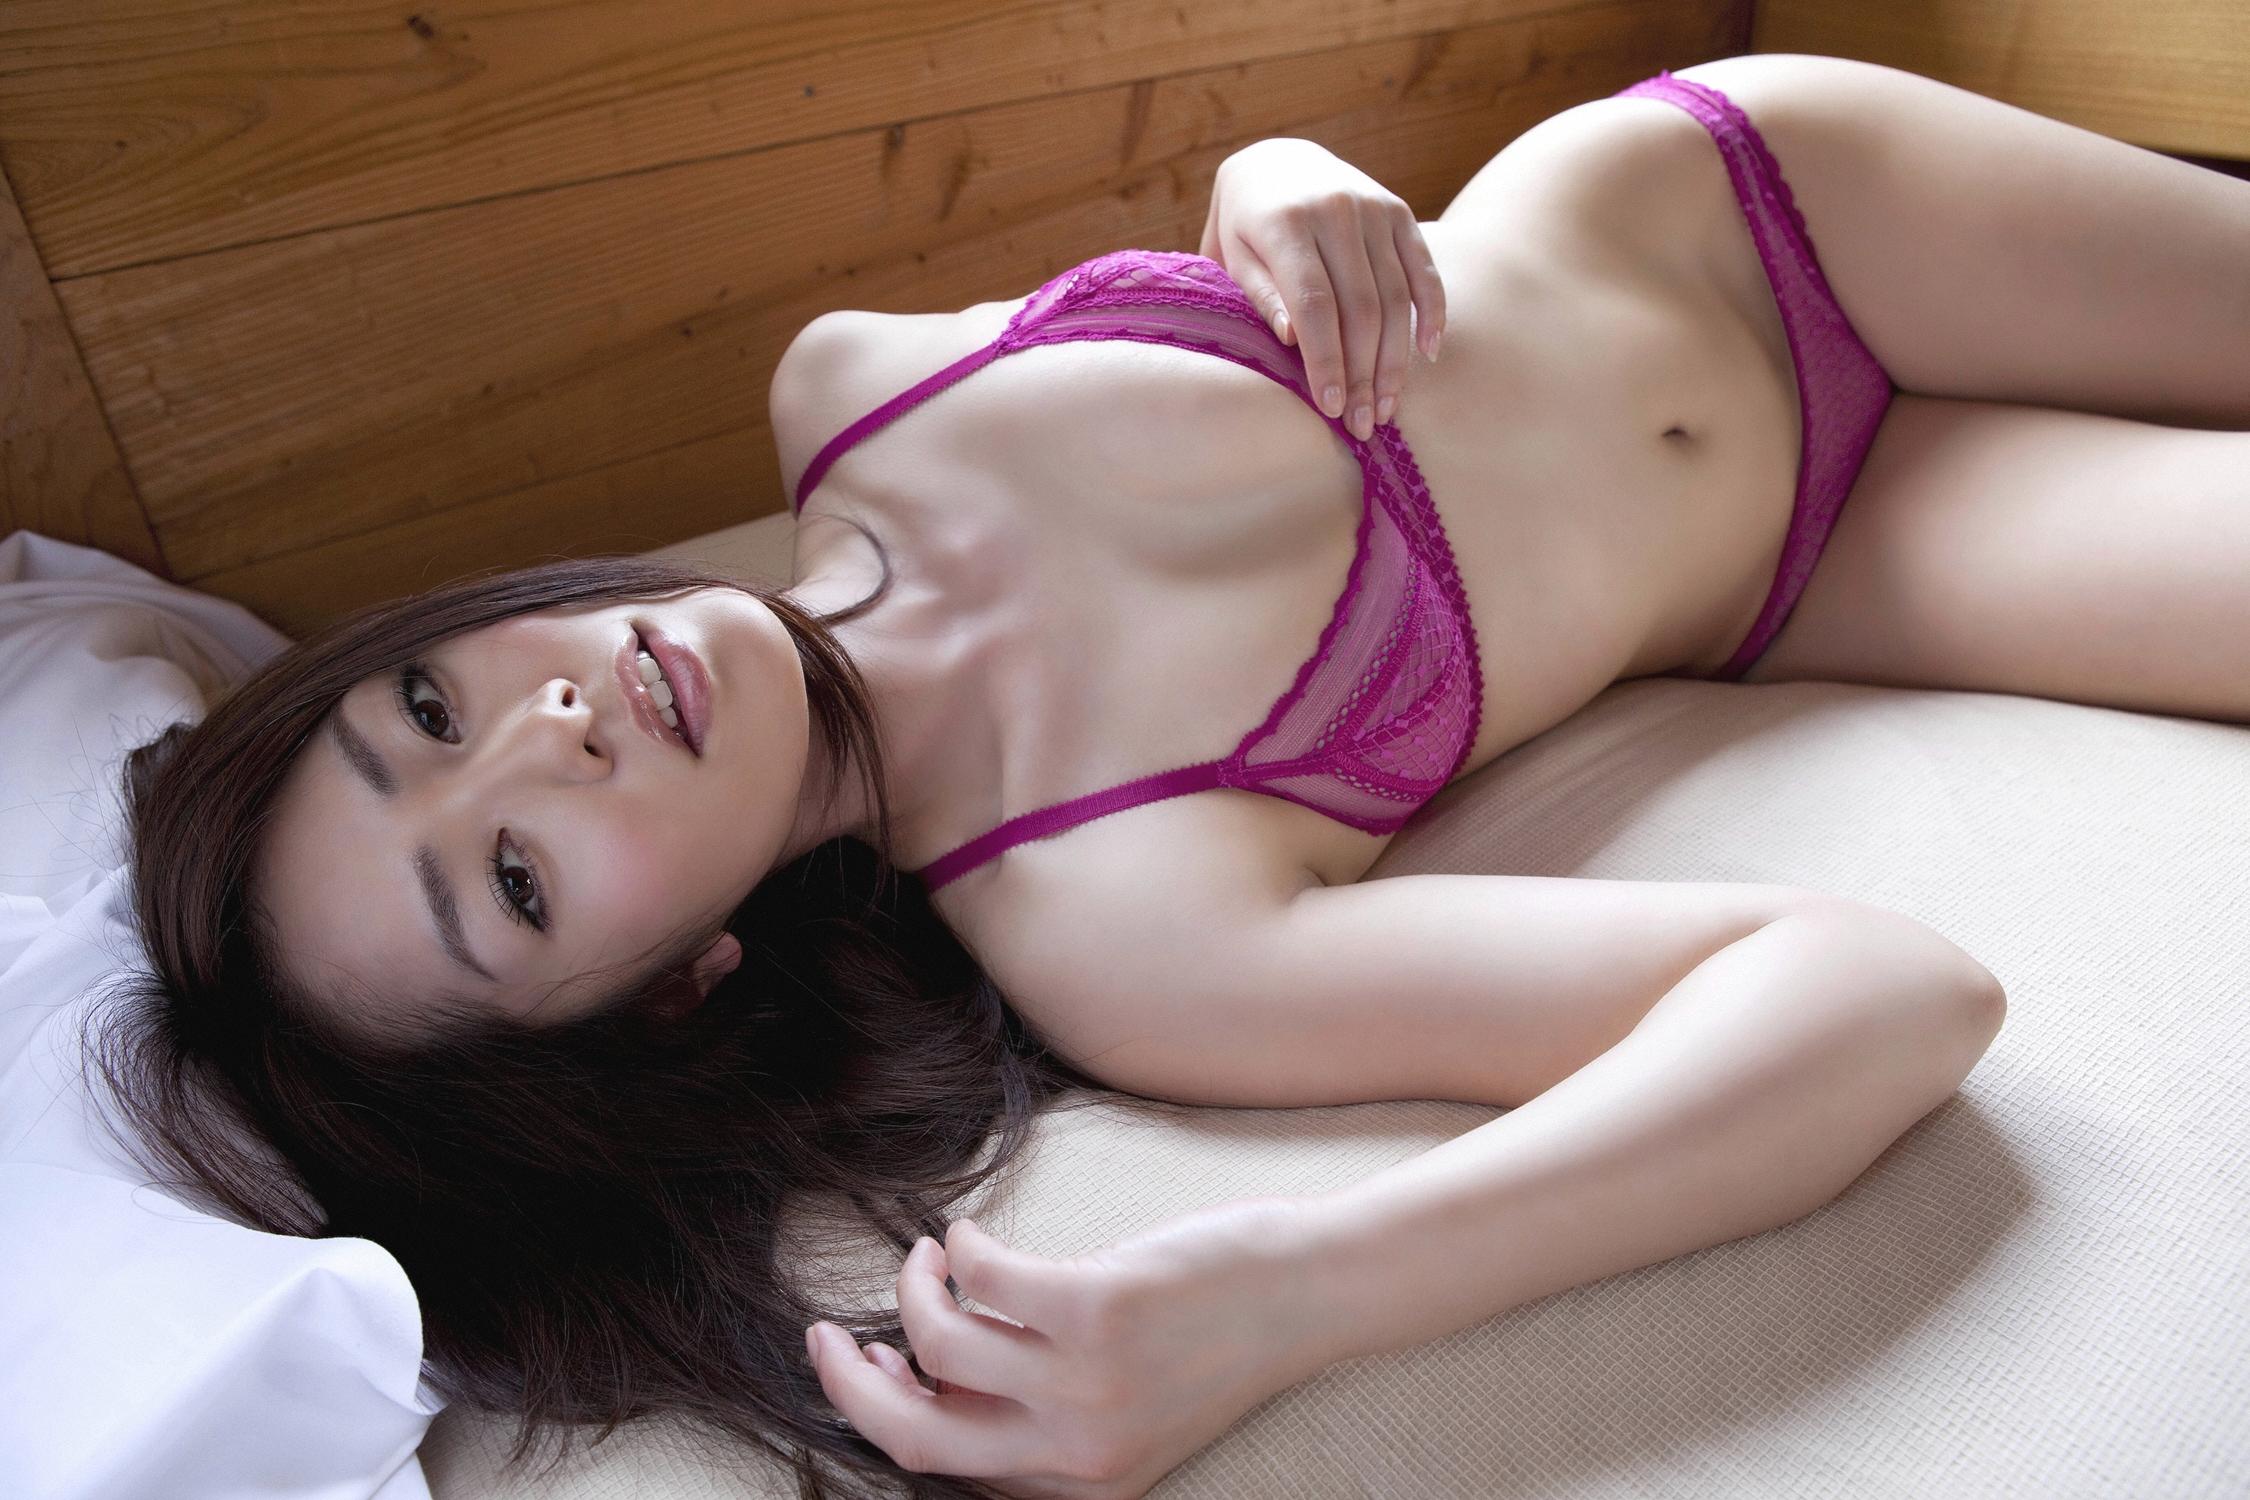 смотреть красивых японок в нижнем белье - 11